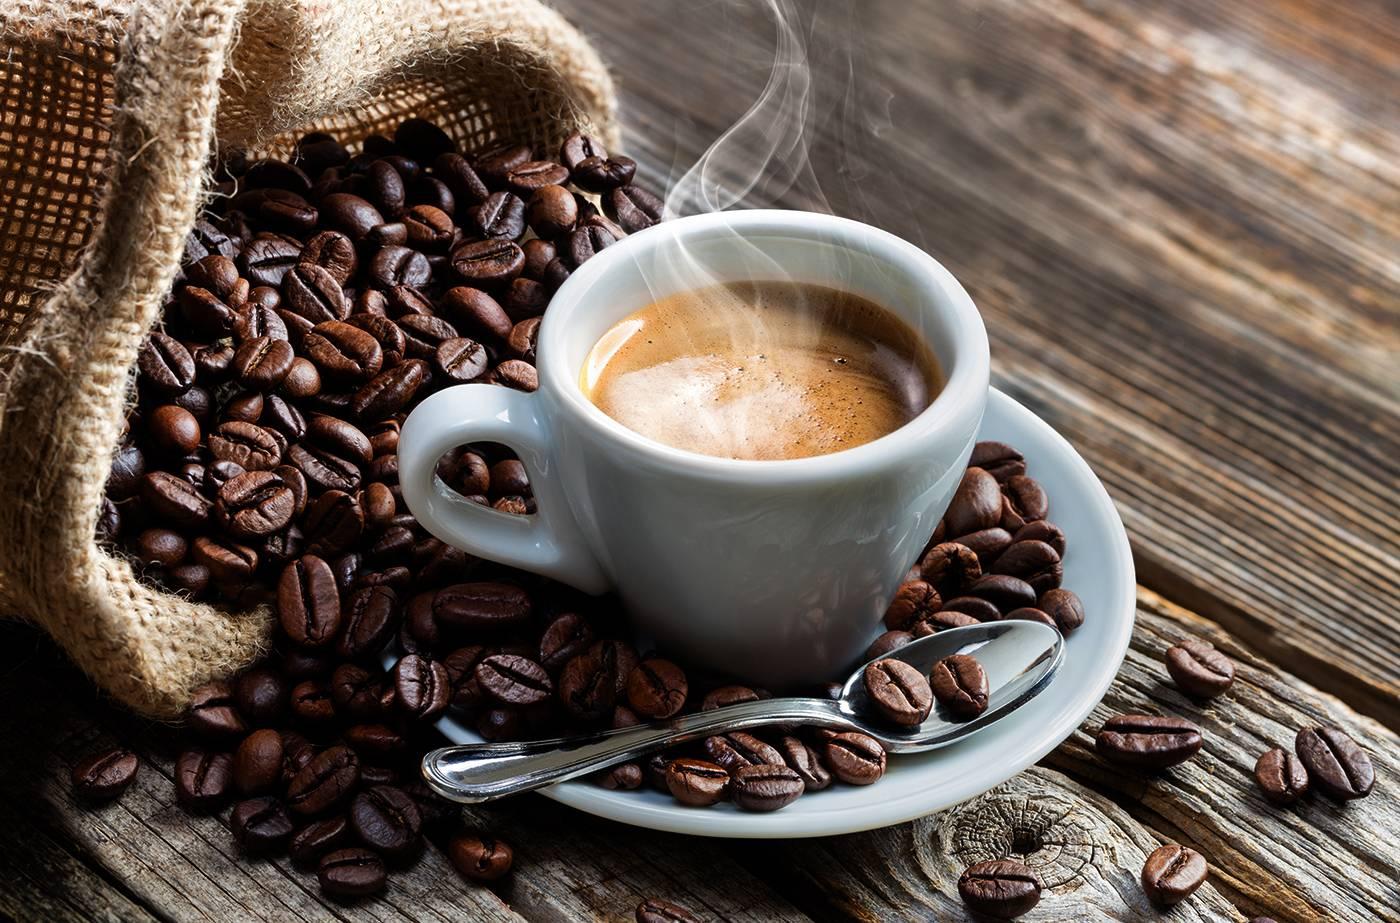 25 негативных эффектов кофеина, подтвержденных научно